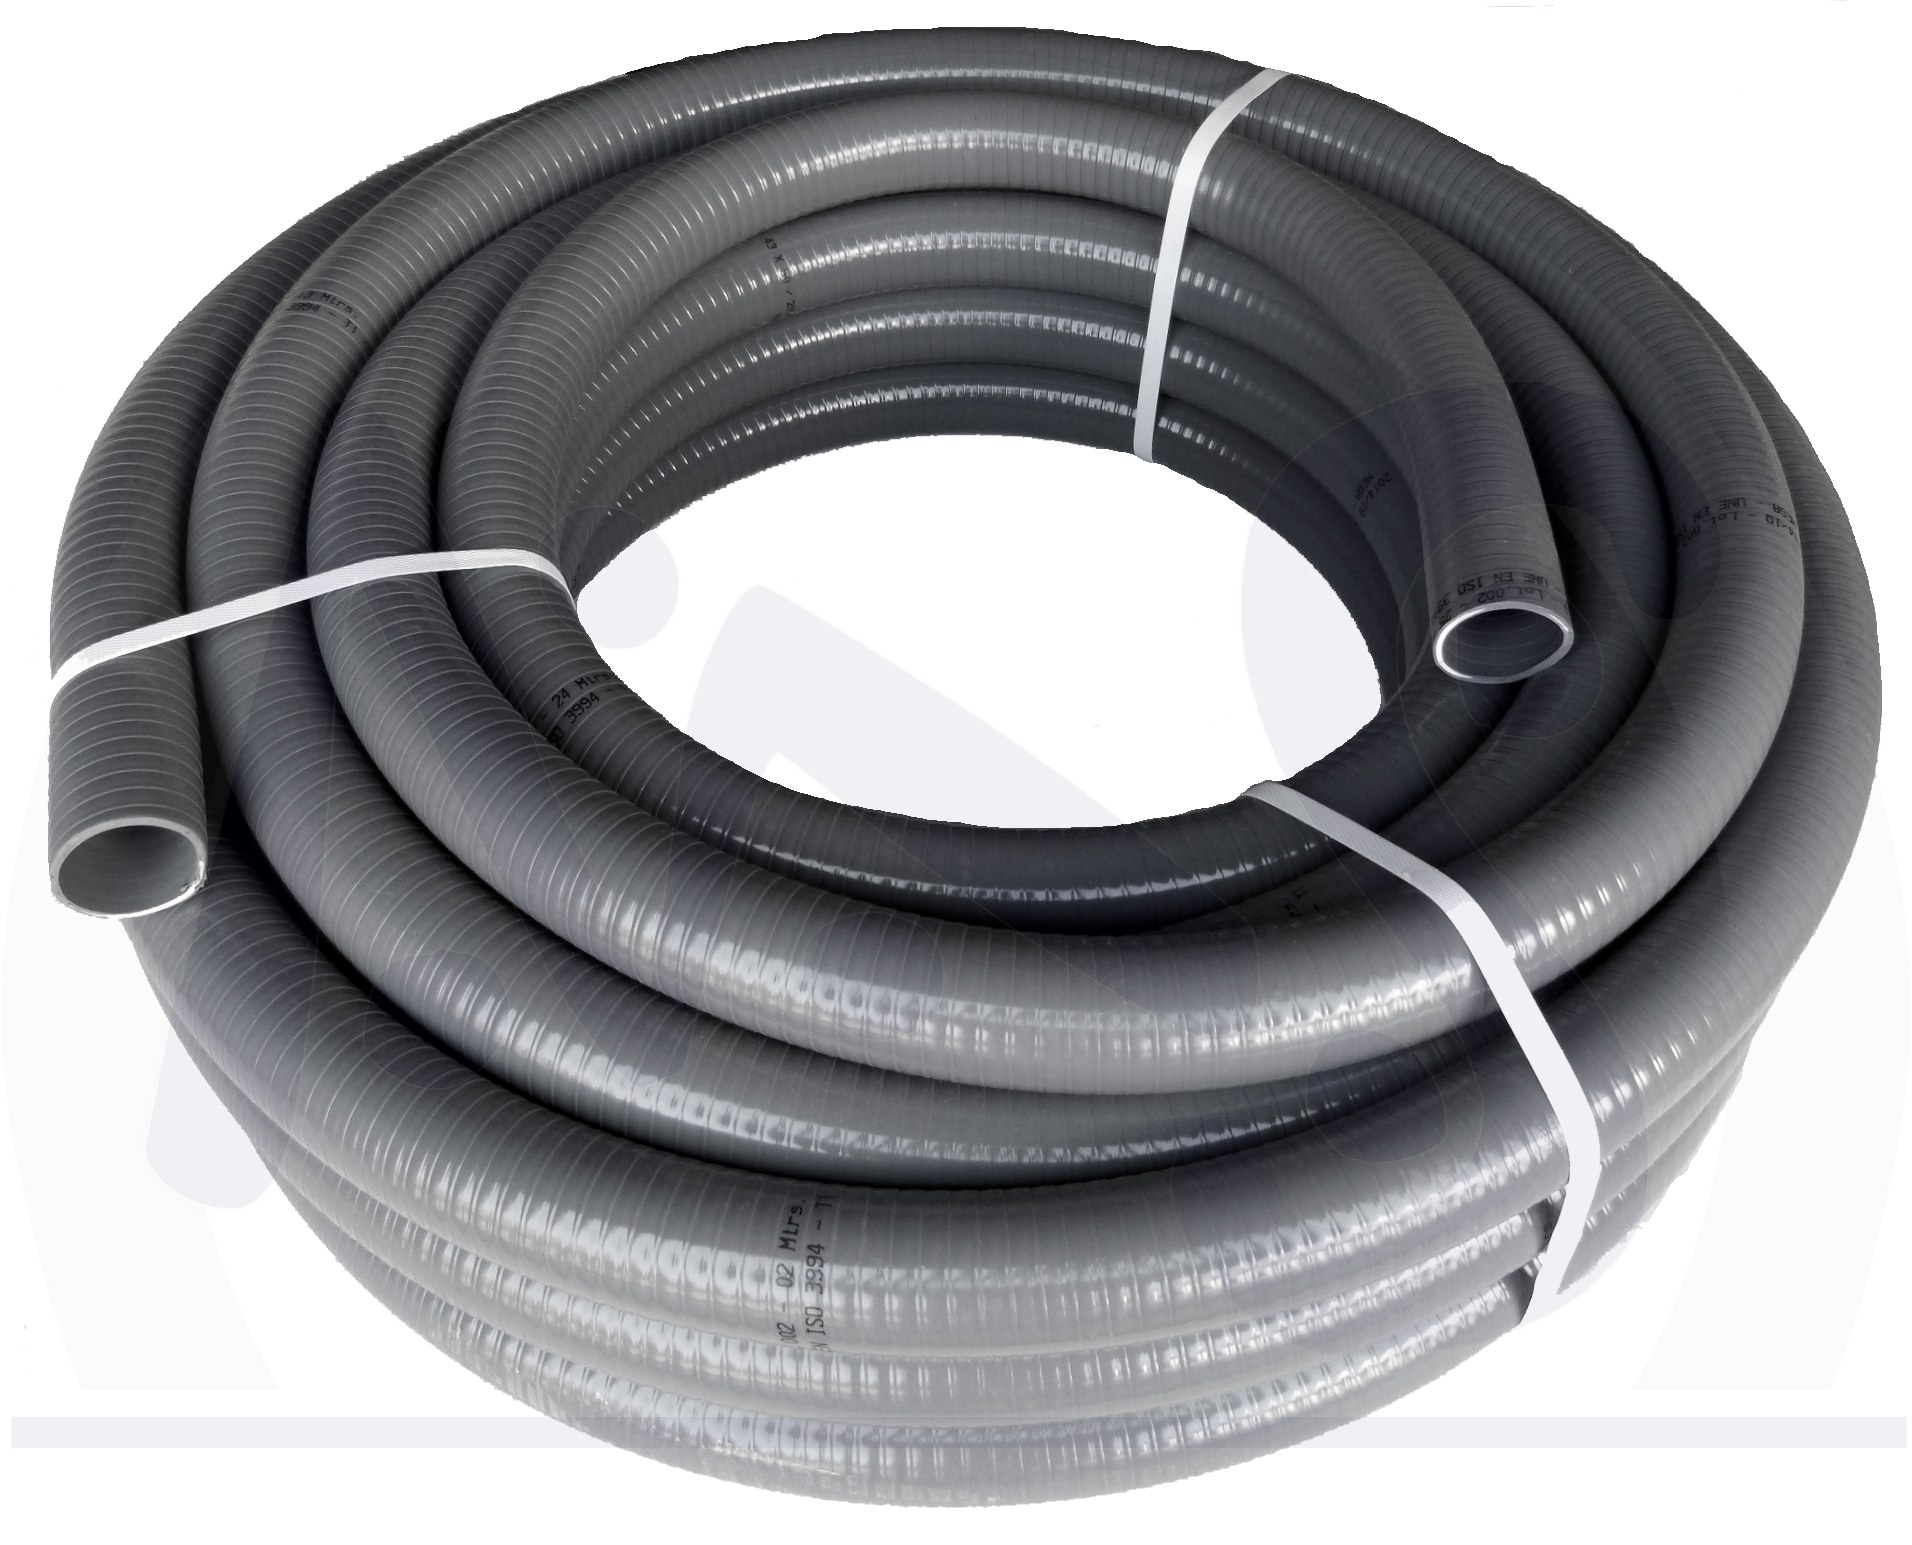 Trendig Flexibler PVC Schlauch d = 50 mm a.lfm | Flexfit - verbinder  WR45